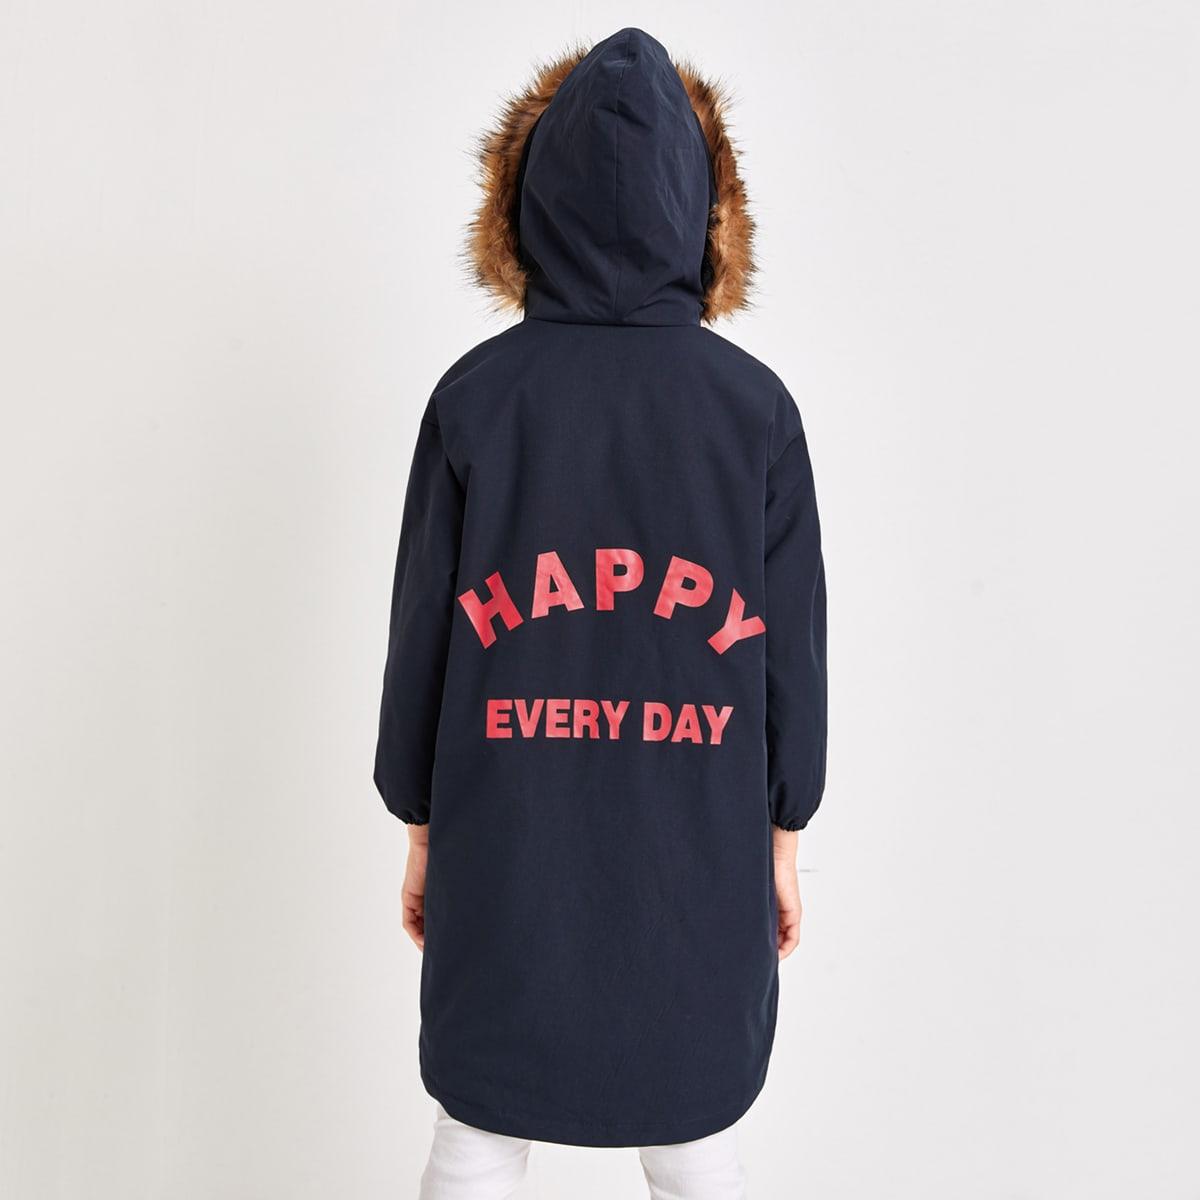 Mantel mit Buchstaben Grafik, Teddy Einsatz und Kunstpelz auf Kapuze